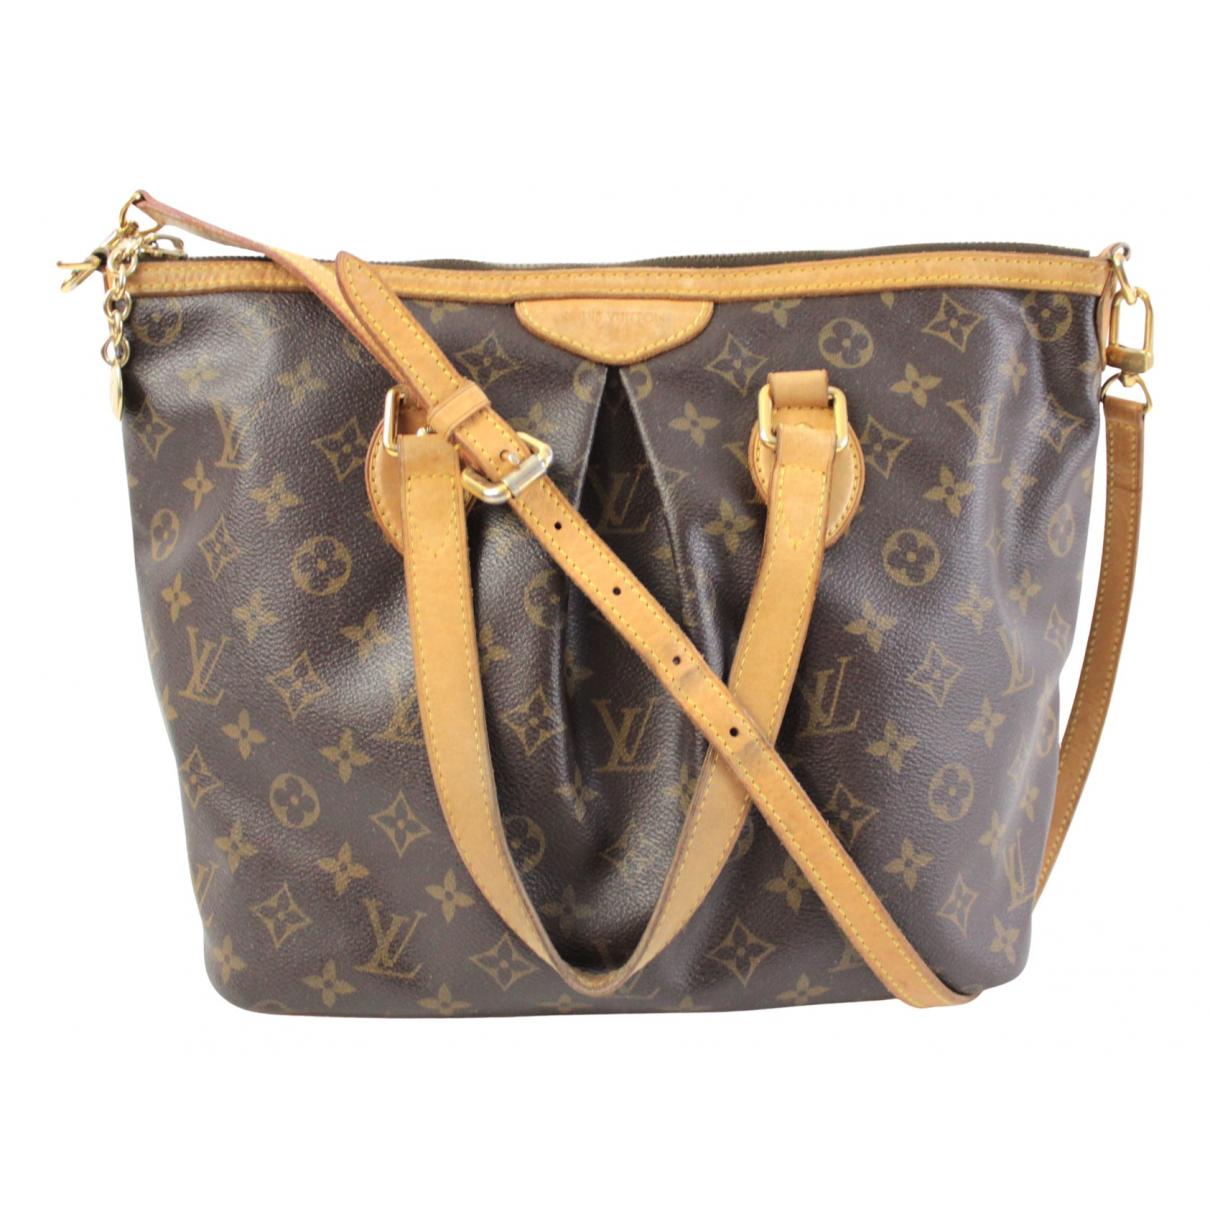 Louis Vuitton - Sac a main Palermo pour femme en toile - marron